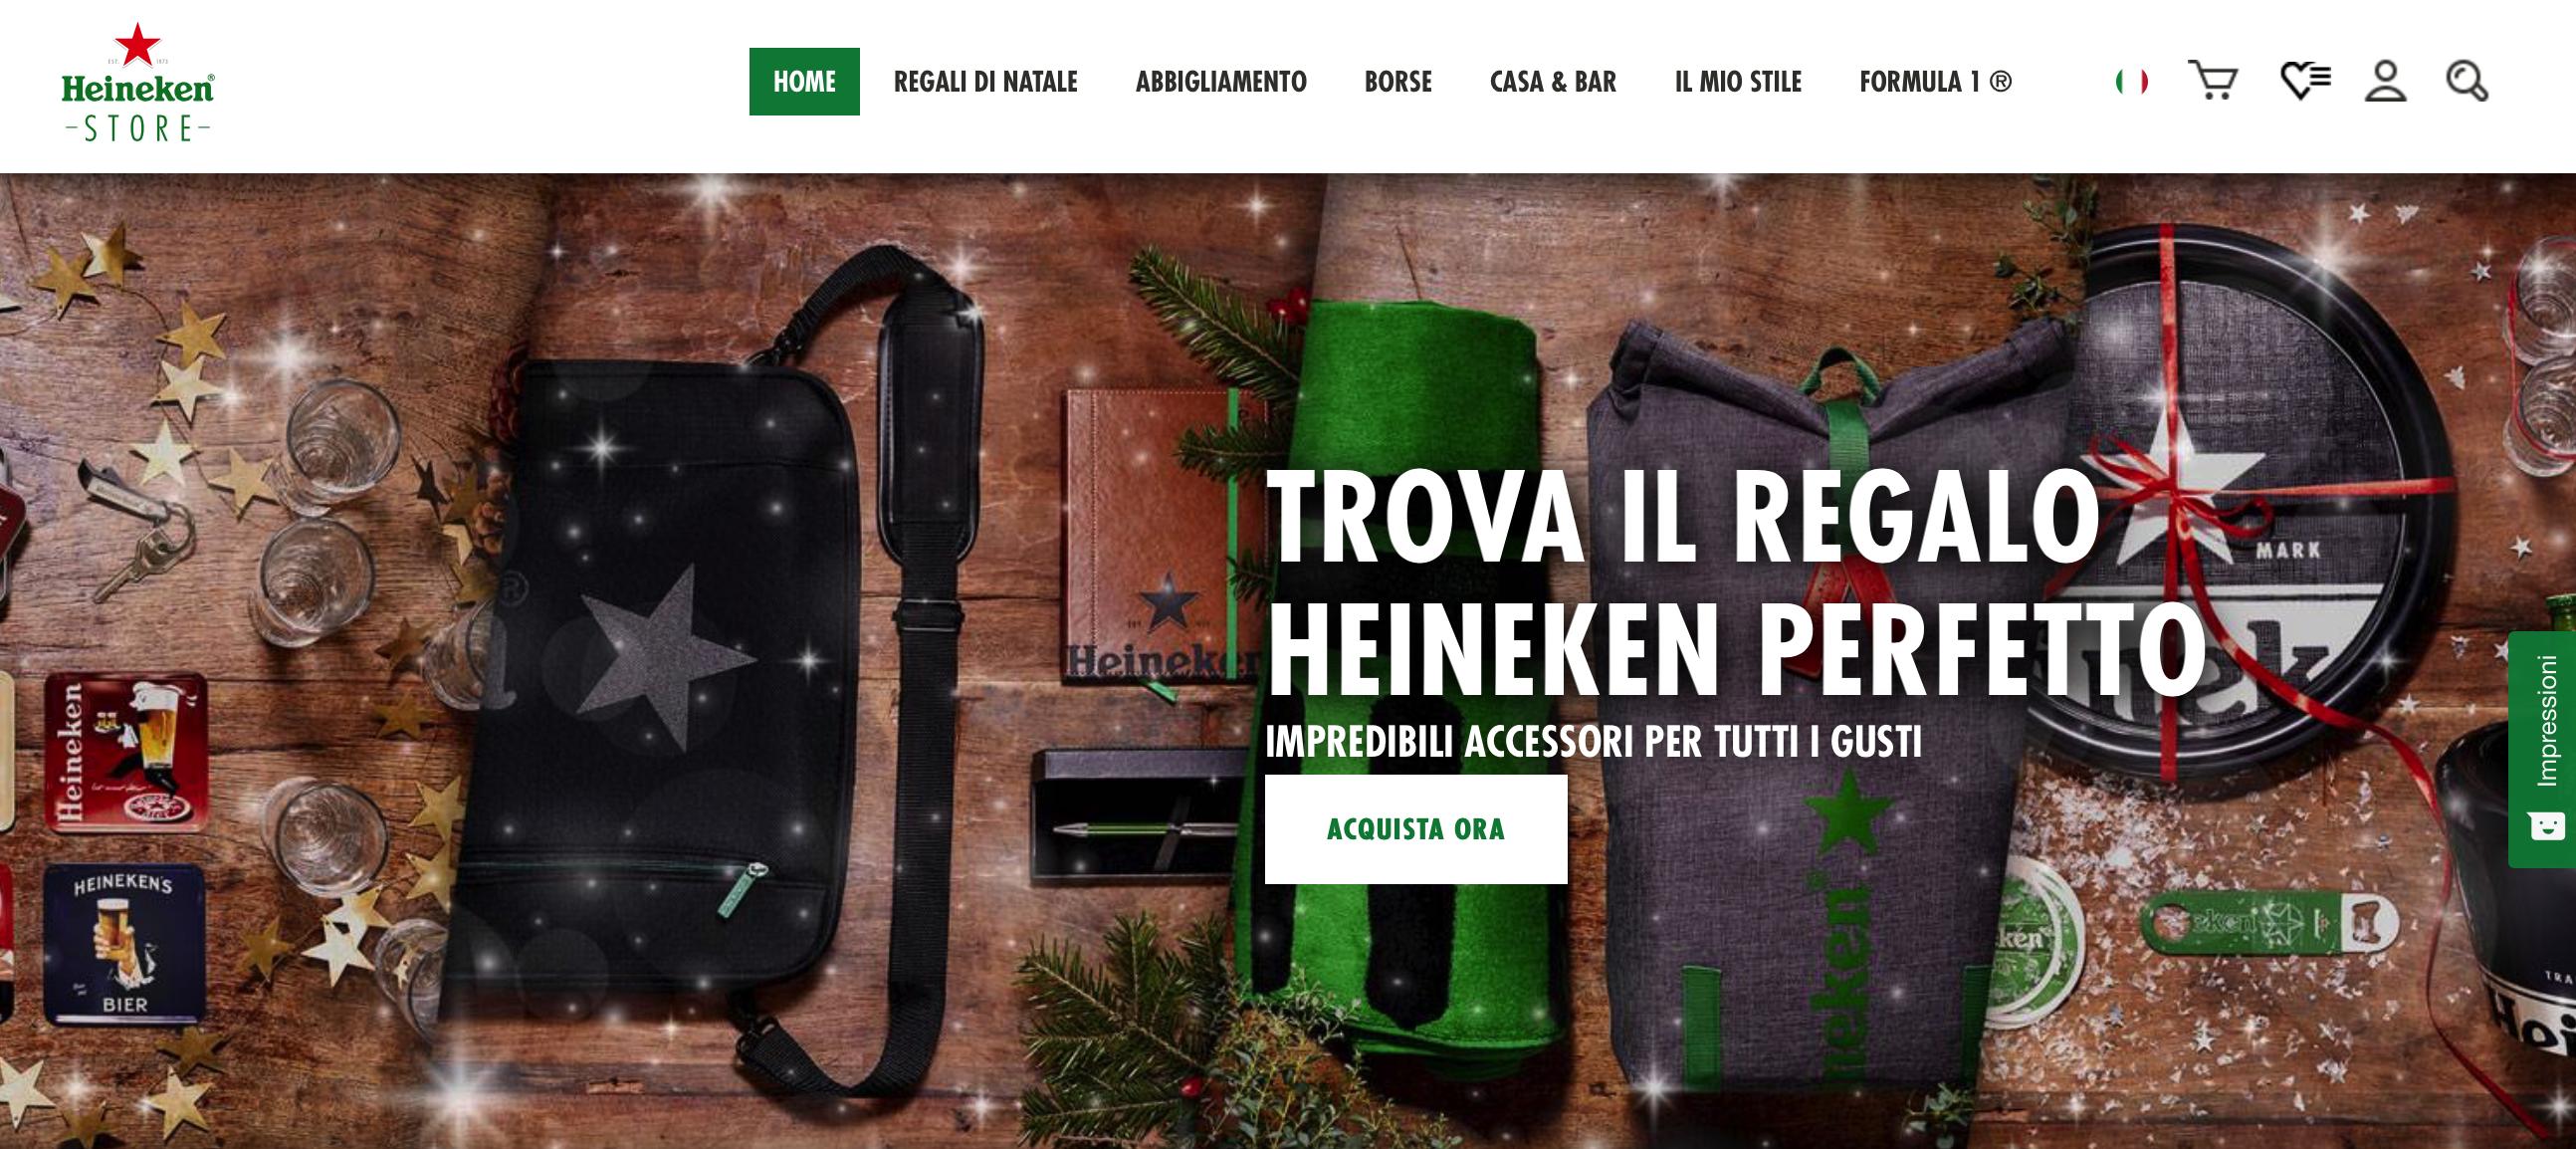 Altra particolarità è la presenza di uno store online interamente dedicato  a Heineken in cui è possibile acquistare di tutto 0d21c11bba70